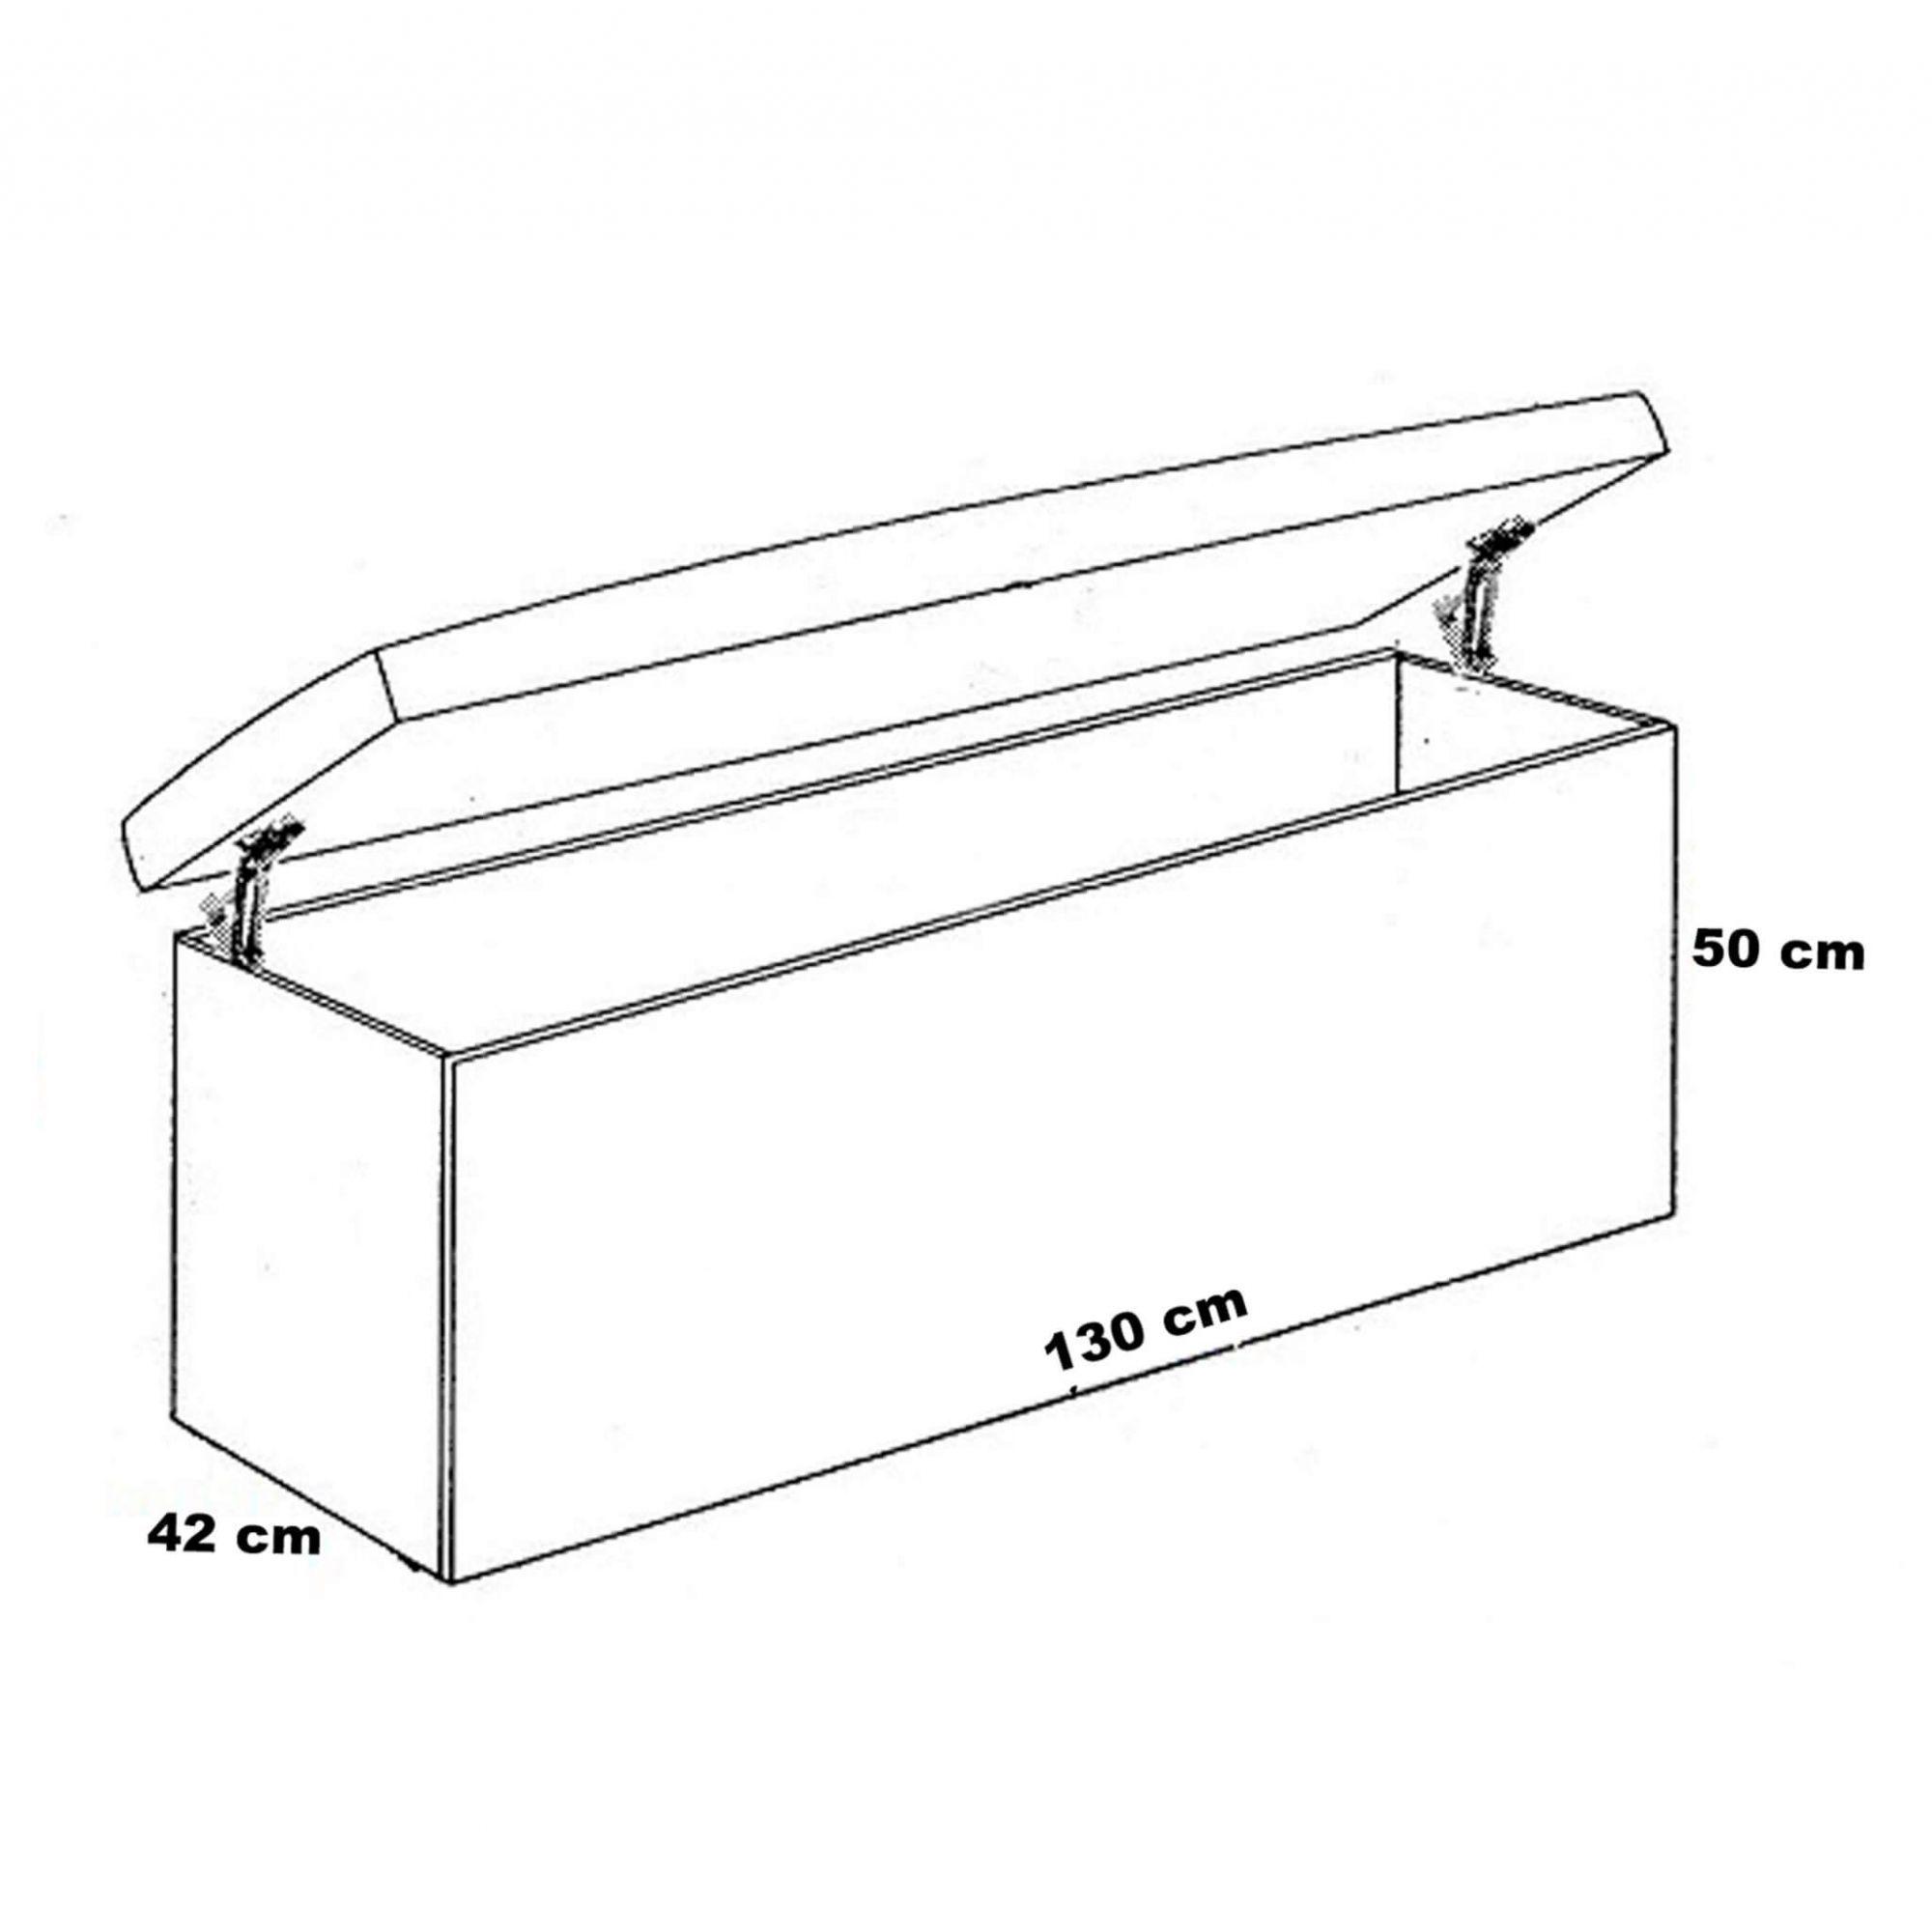 Cabeceira Box Casal com Recamier Siena 1.4 Suede Beje - R.A Estofados